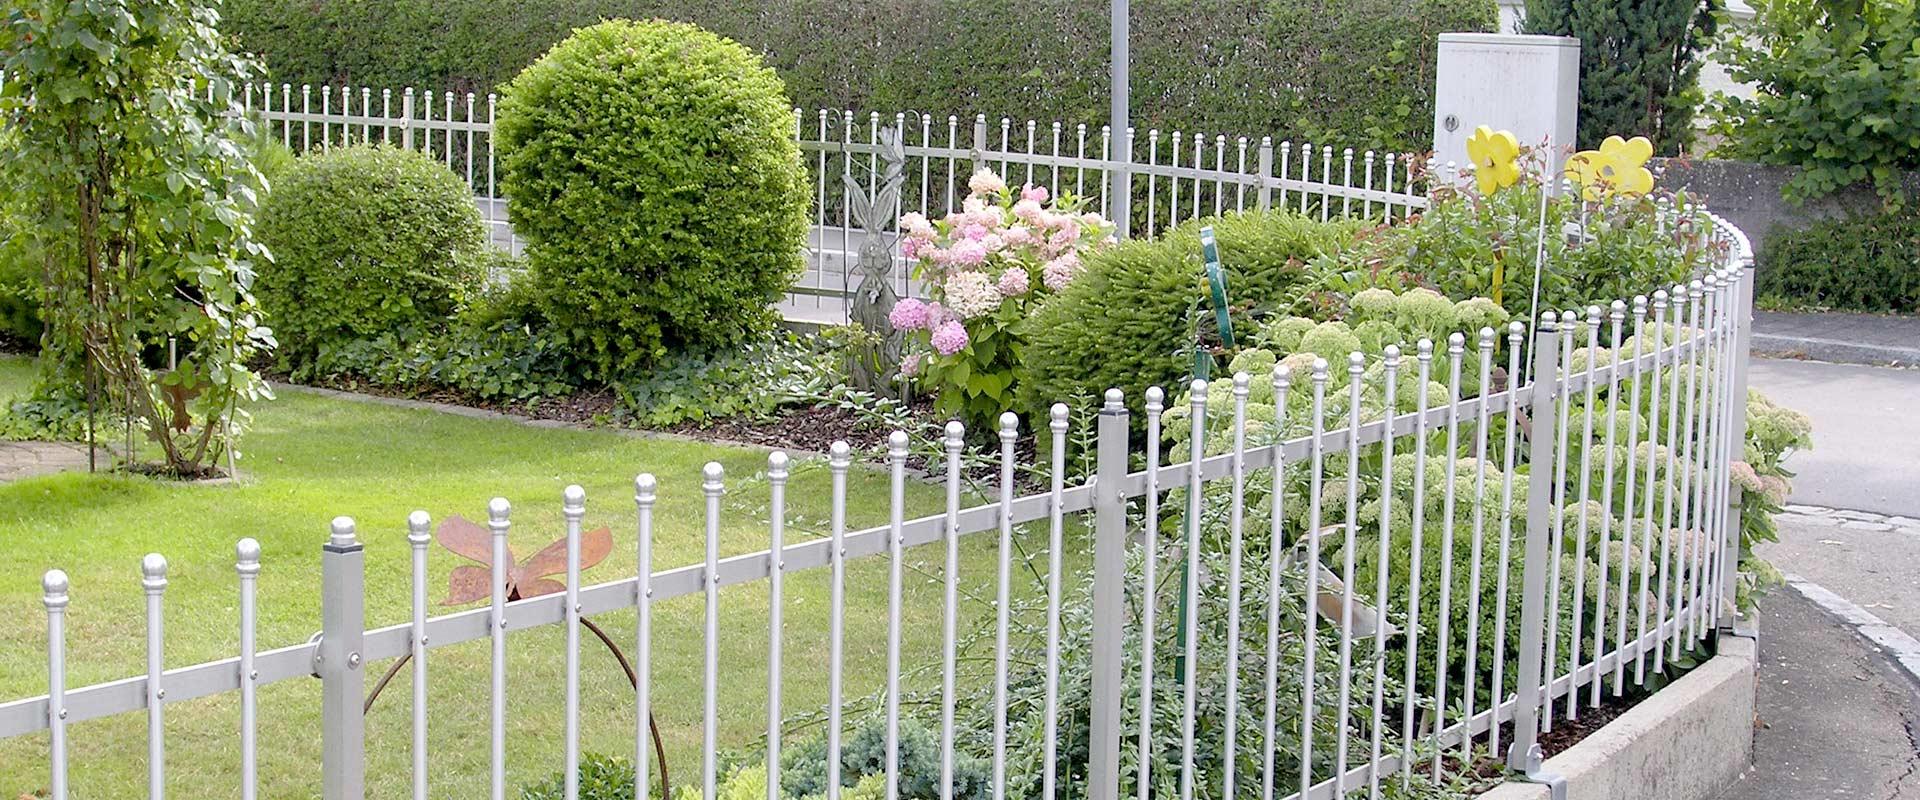 Aluminium Gartenzaun von Seiler Zaundesign für Kurven